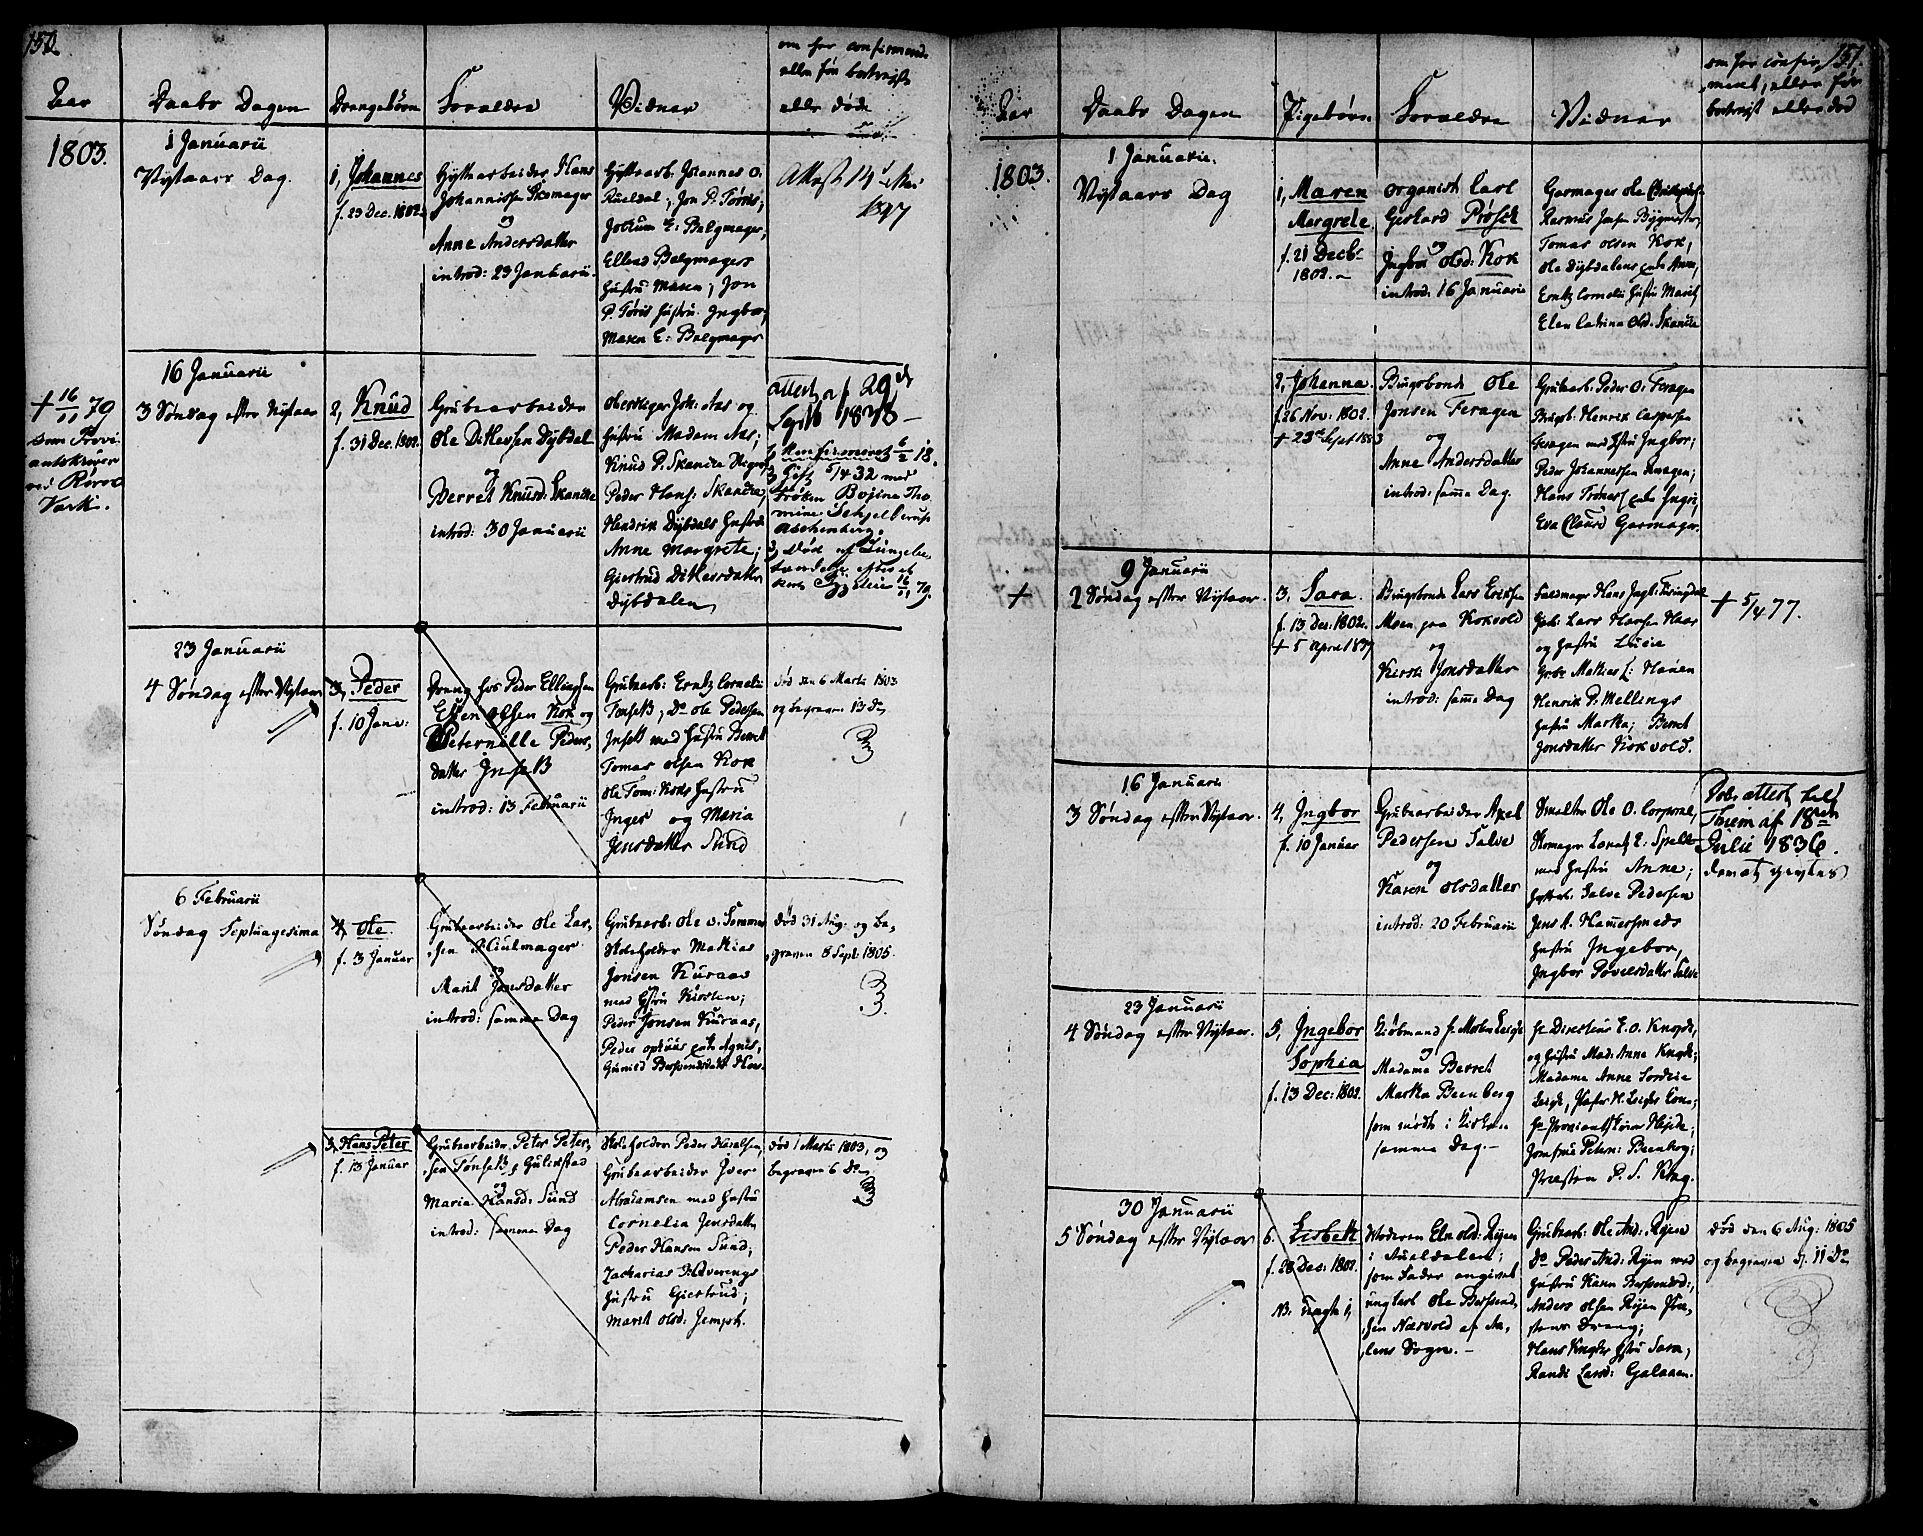 SAT, Ministerialprotokoller, klokkerbøker og fødselsregistre - Sør-Trøndelag, 681/L0927: Ministerialbok nr. 681A05, 1798-1808, s. 150-151